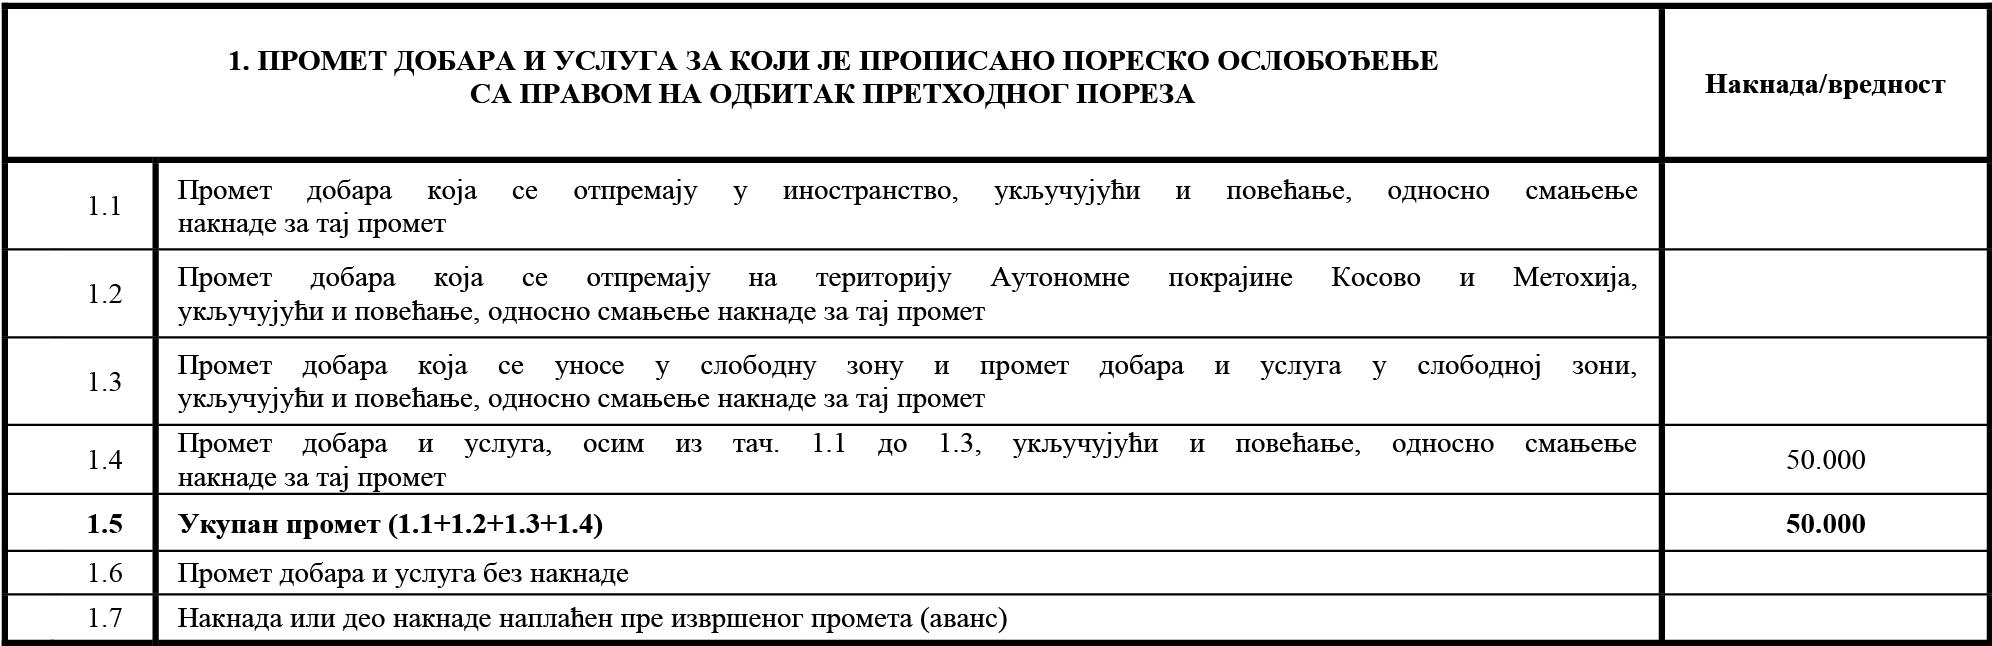 uputstvo PU obrazac POPDV primer 13